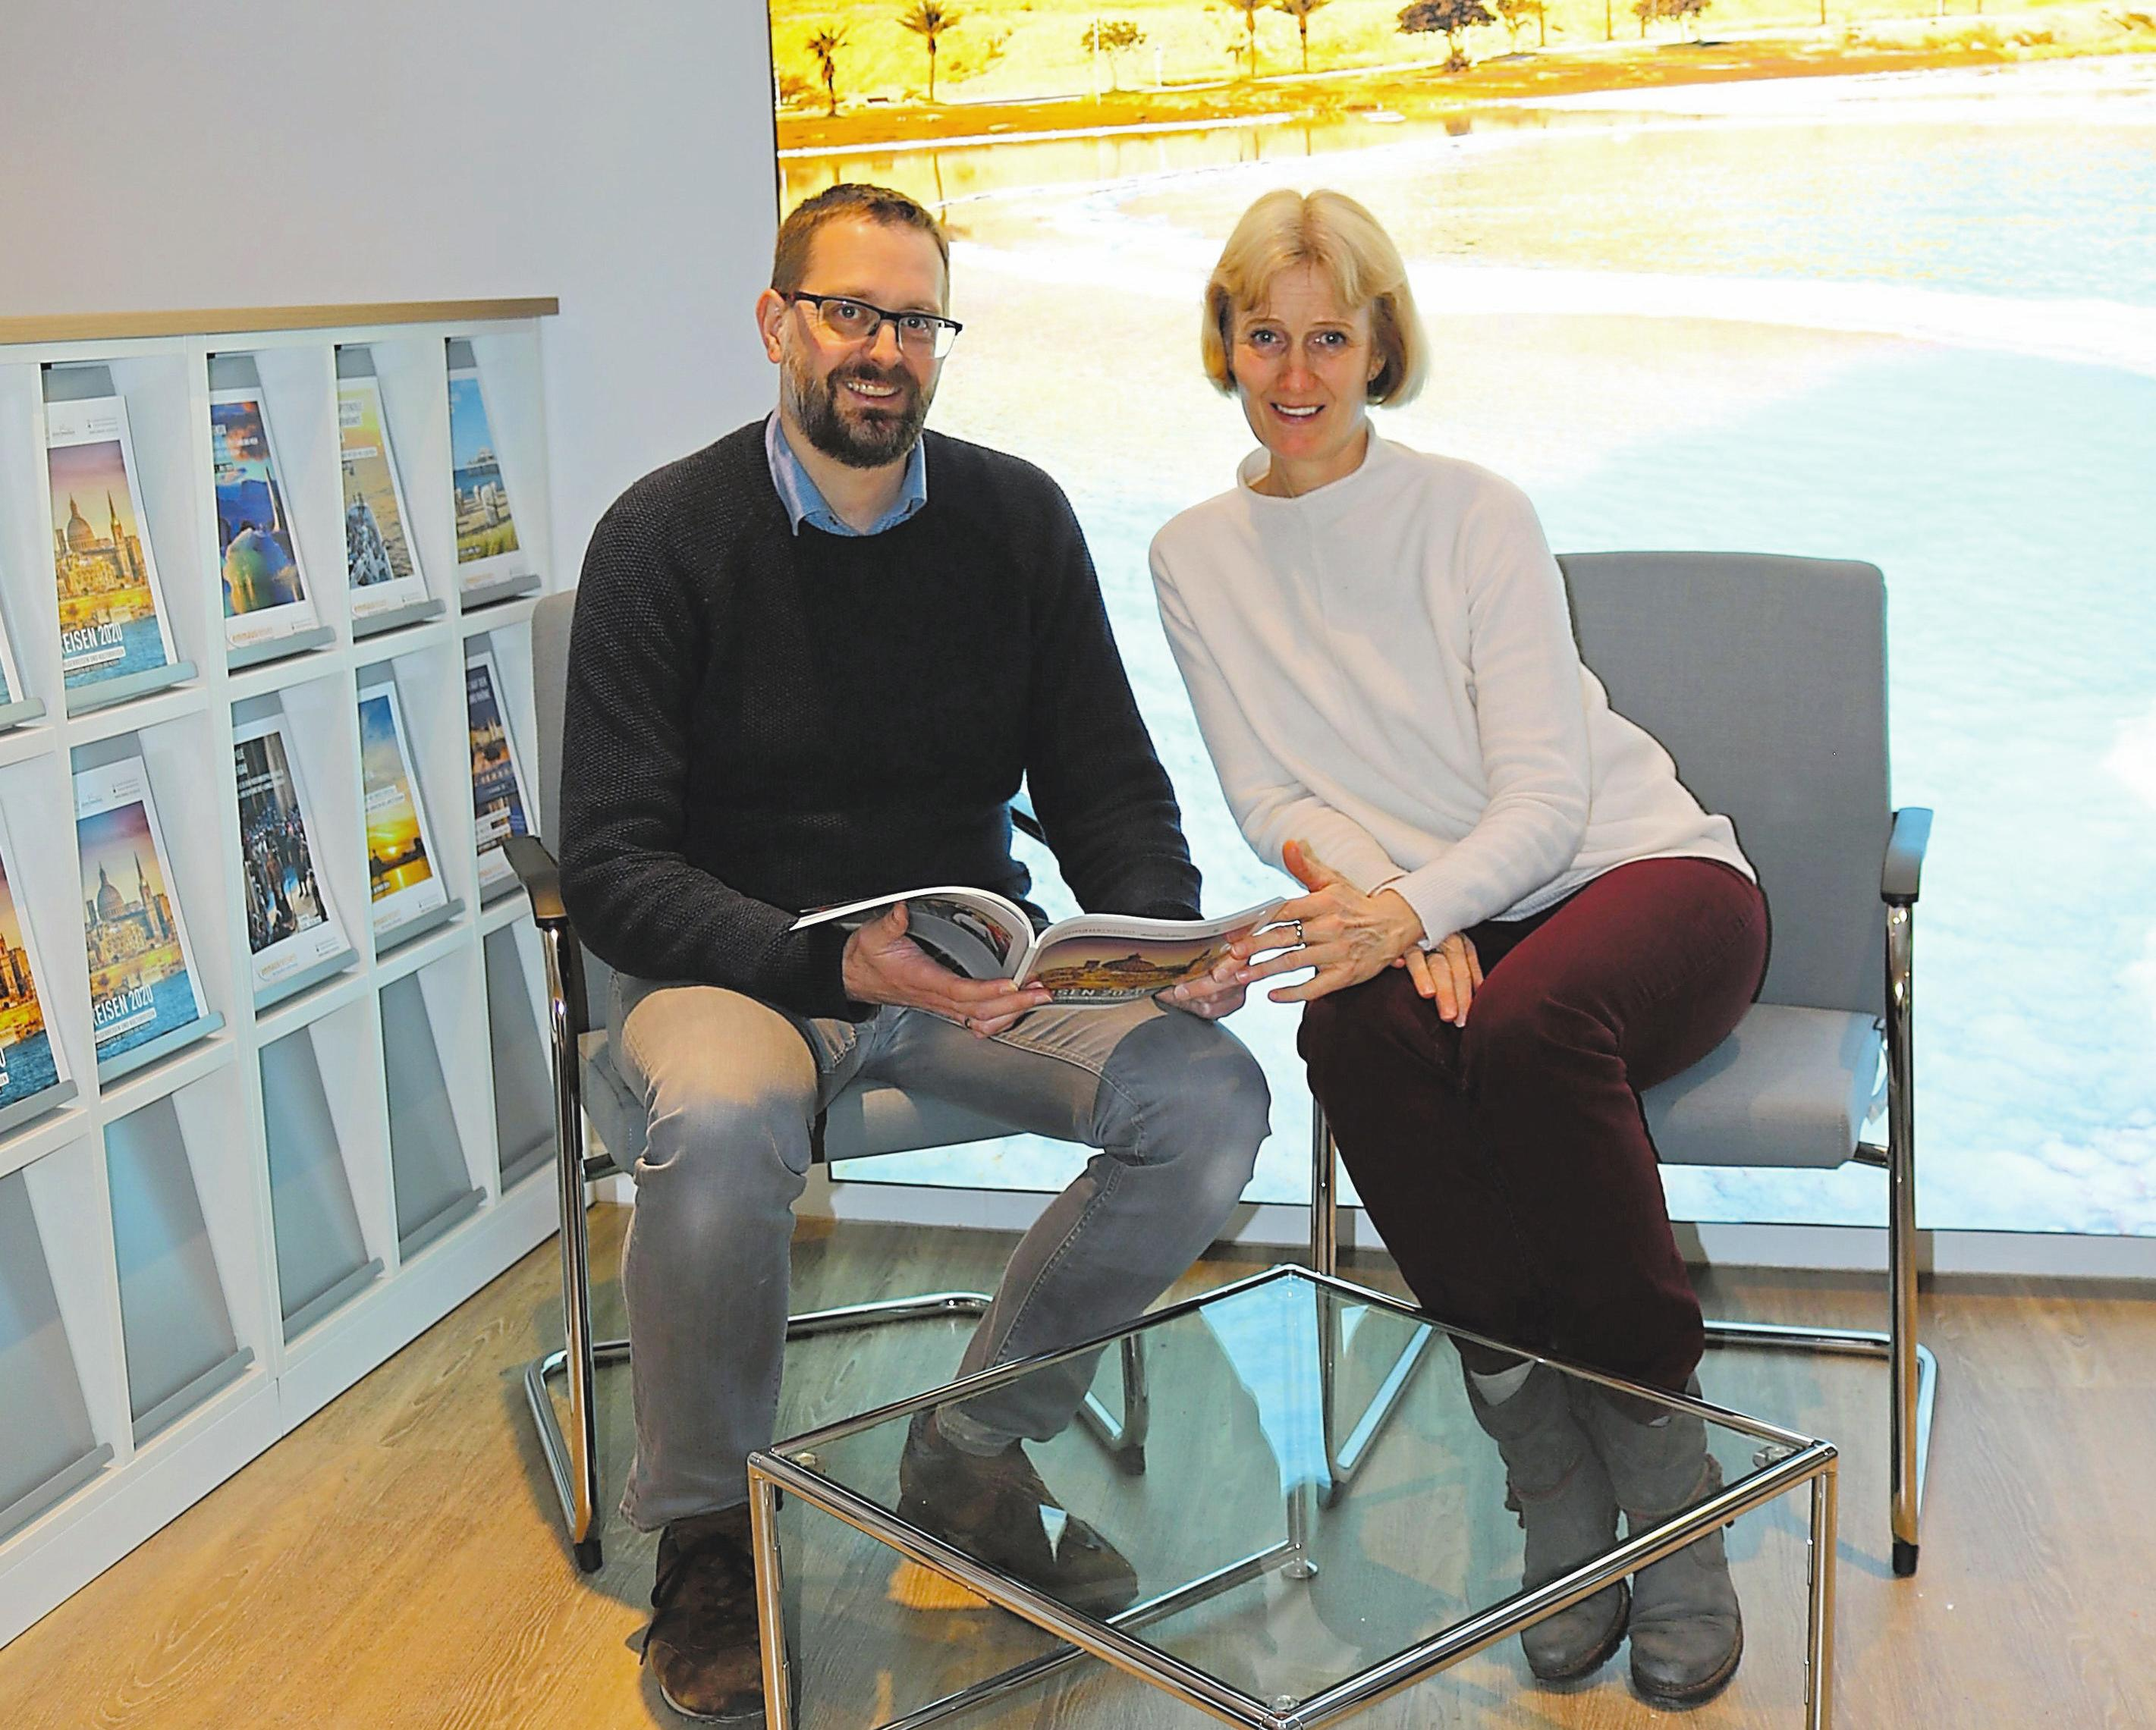 Abteilungsleiter Sven Schoppmann und Mitarbeiterin Heike Dilling blättern in der neuen Beratungsecke im Katalog. Foto: acf